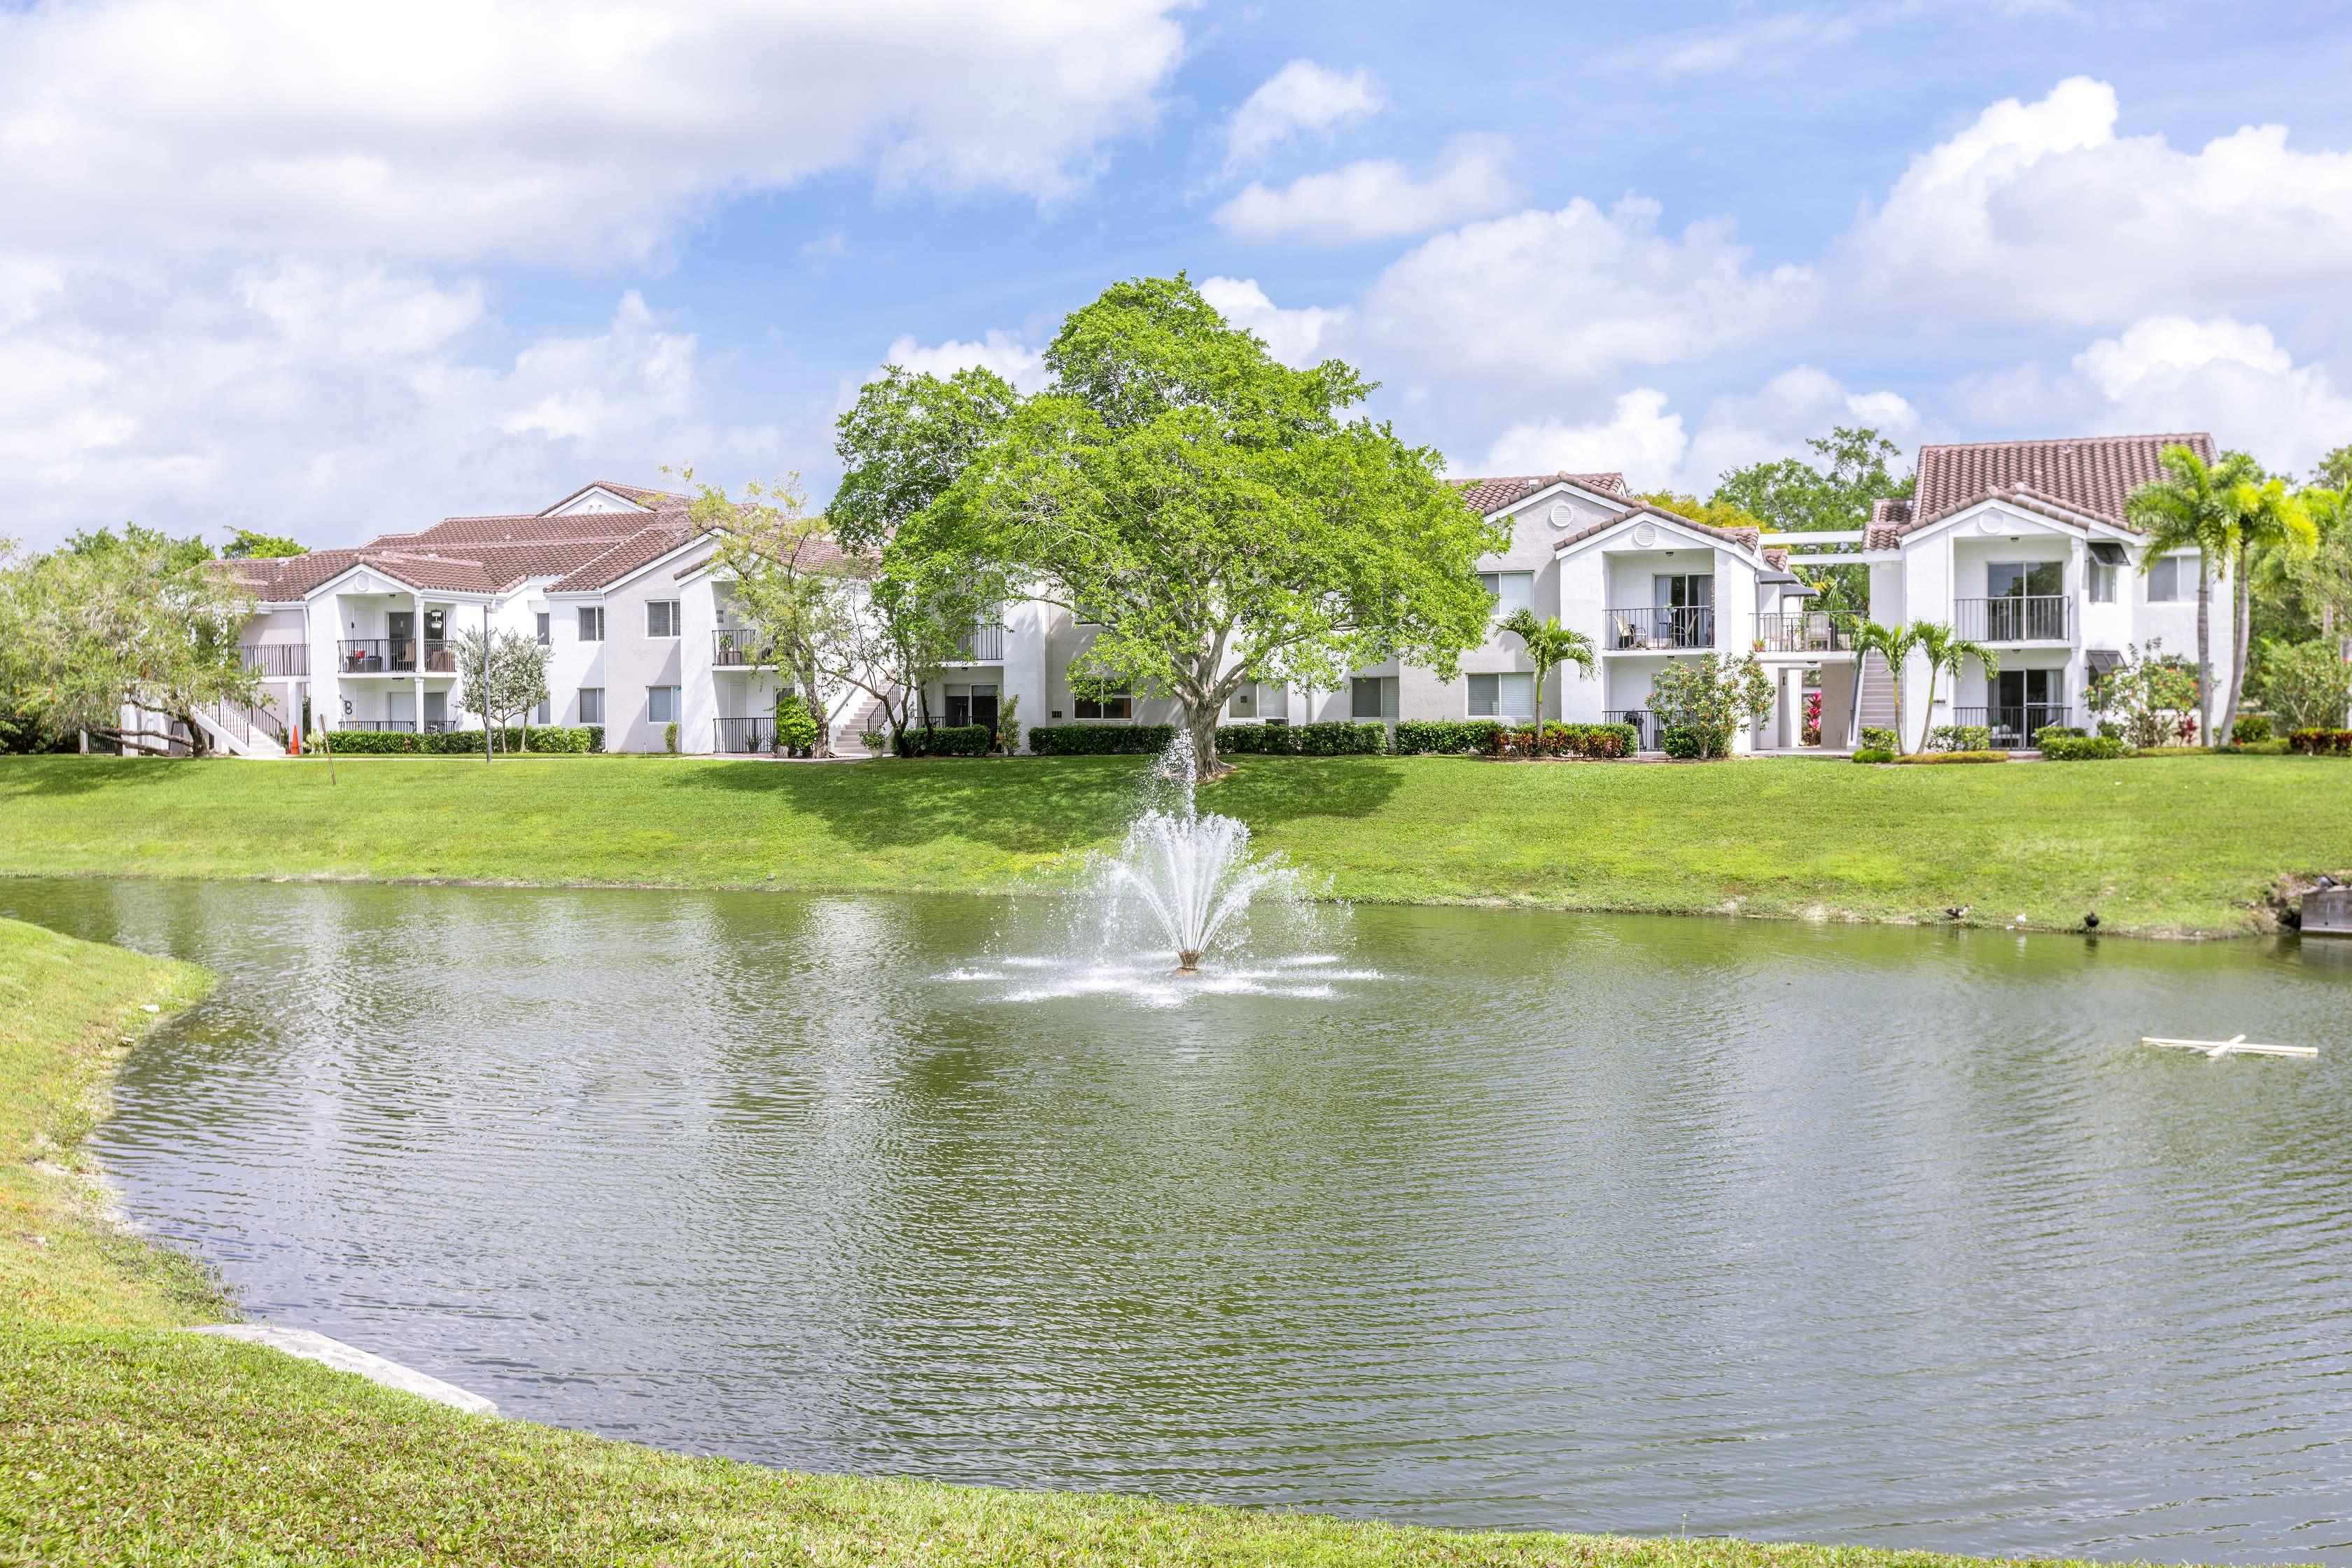 Exterior pond with fountain at Cielo Boca in Boca Raton, Florida